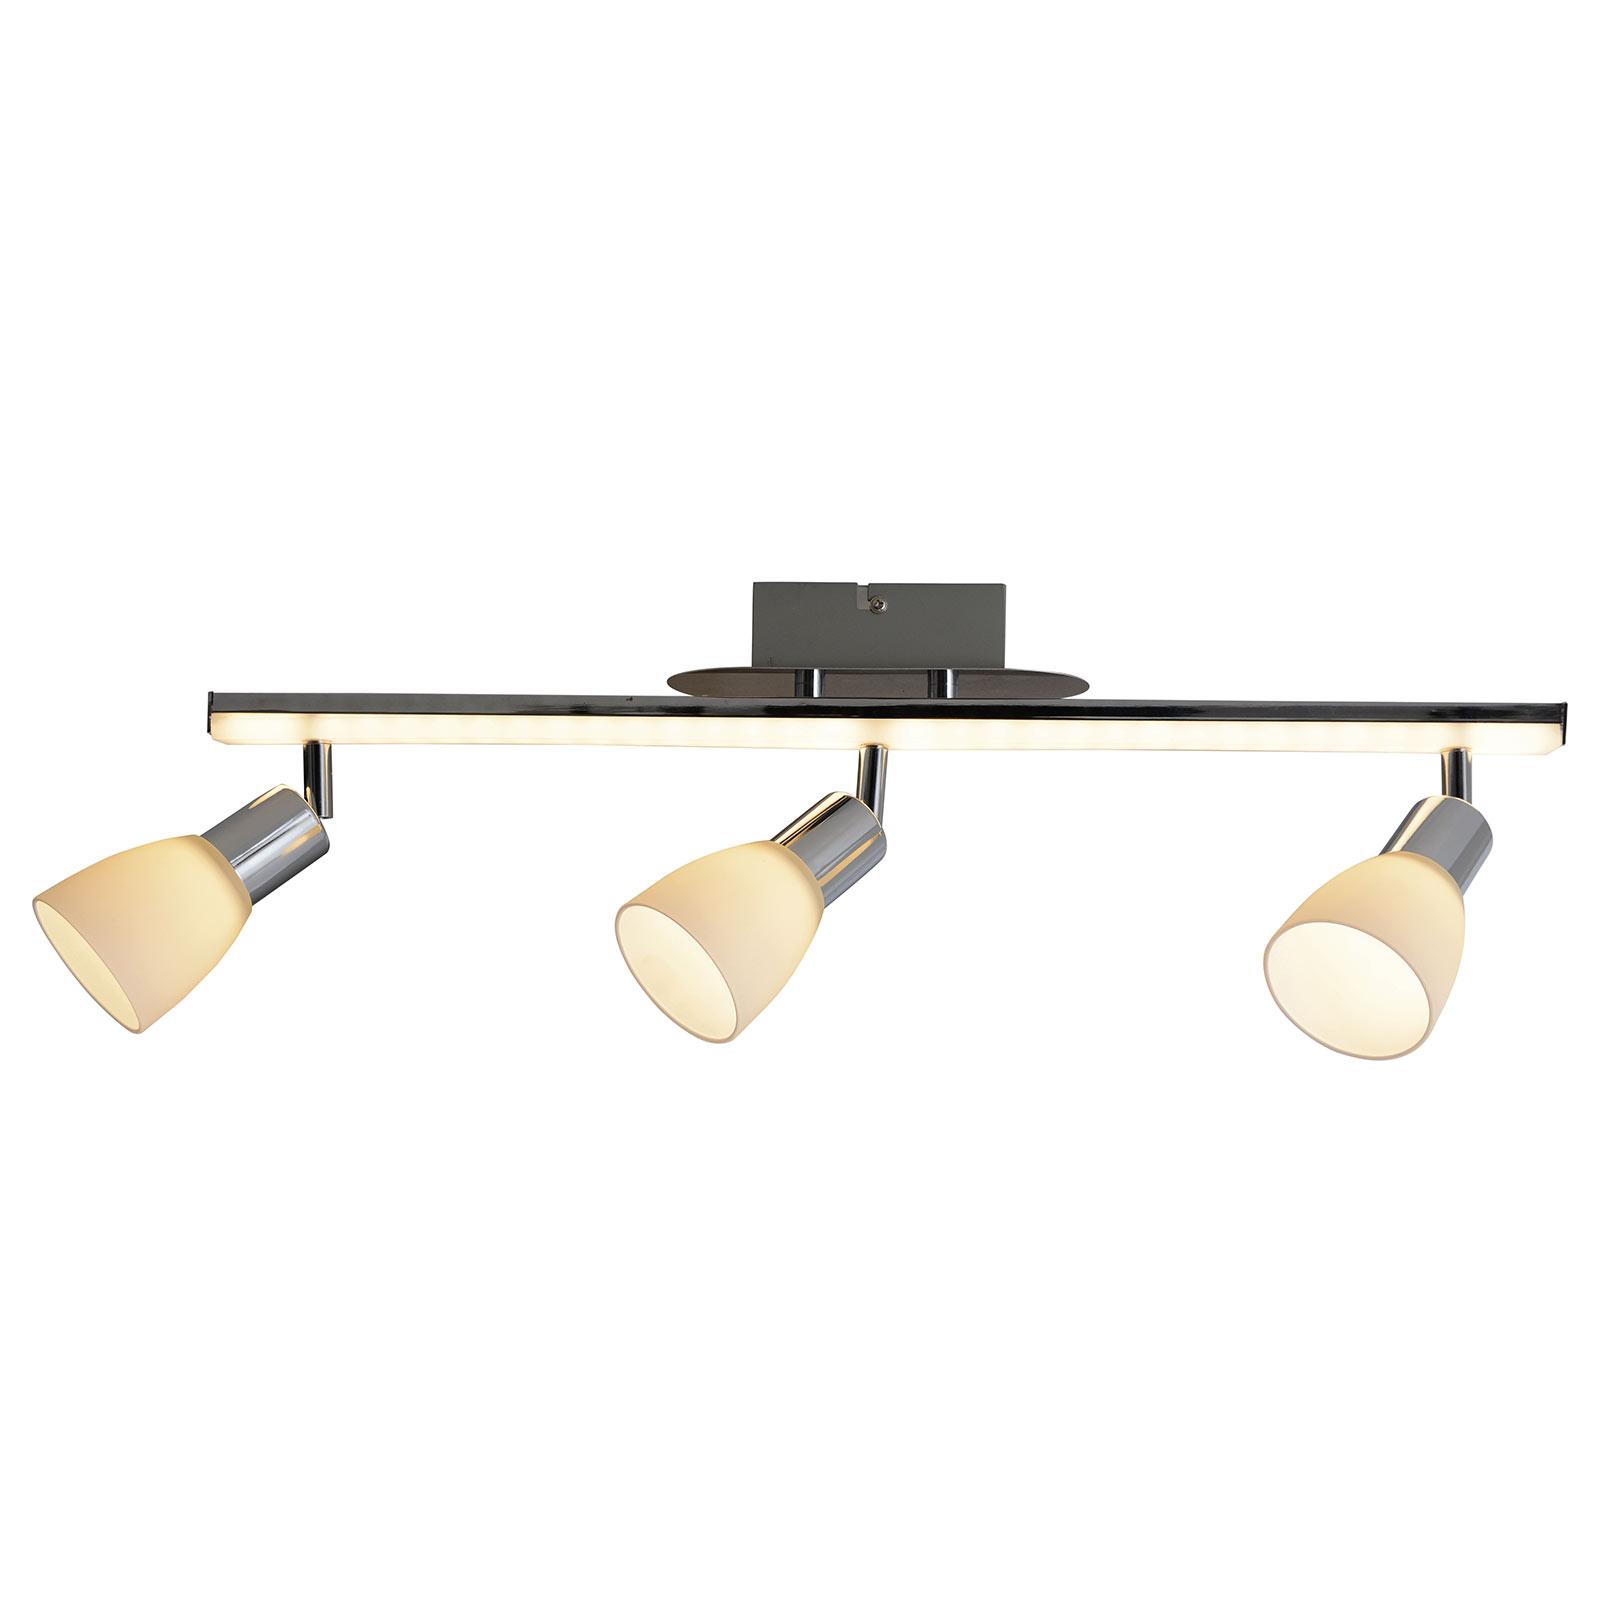 LED-kattovalaisin Ibiza, 3-lamppuinen